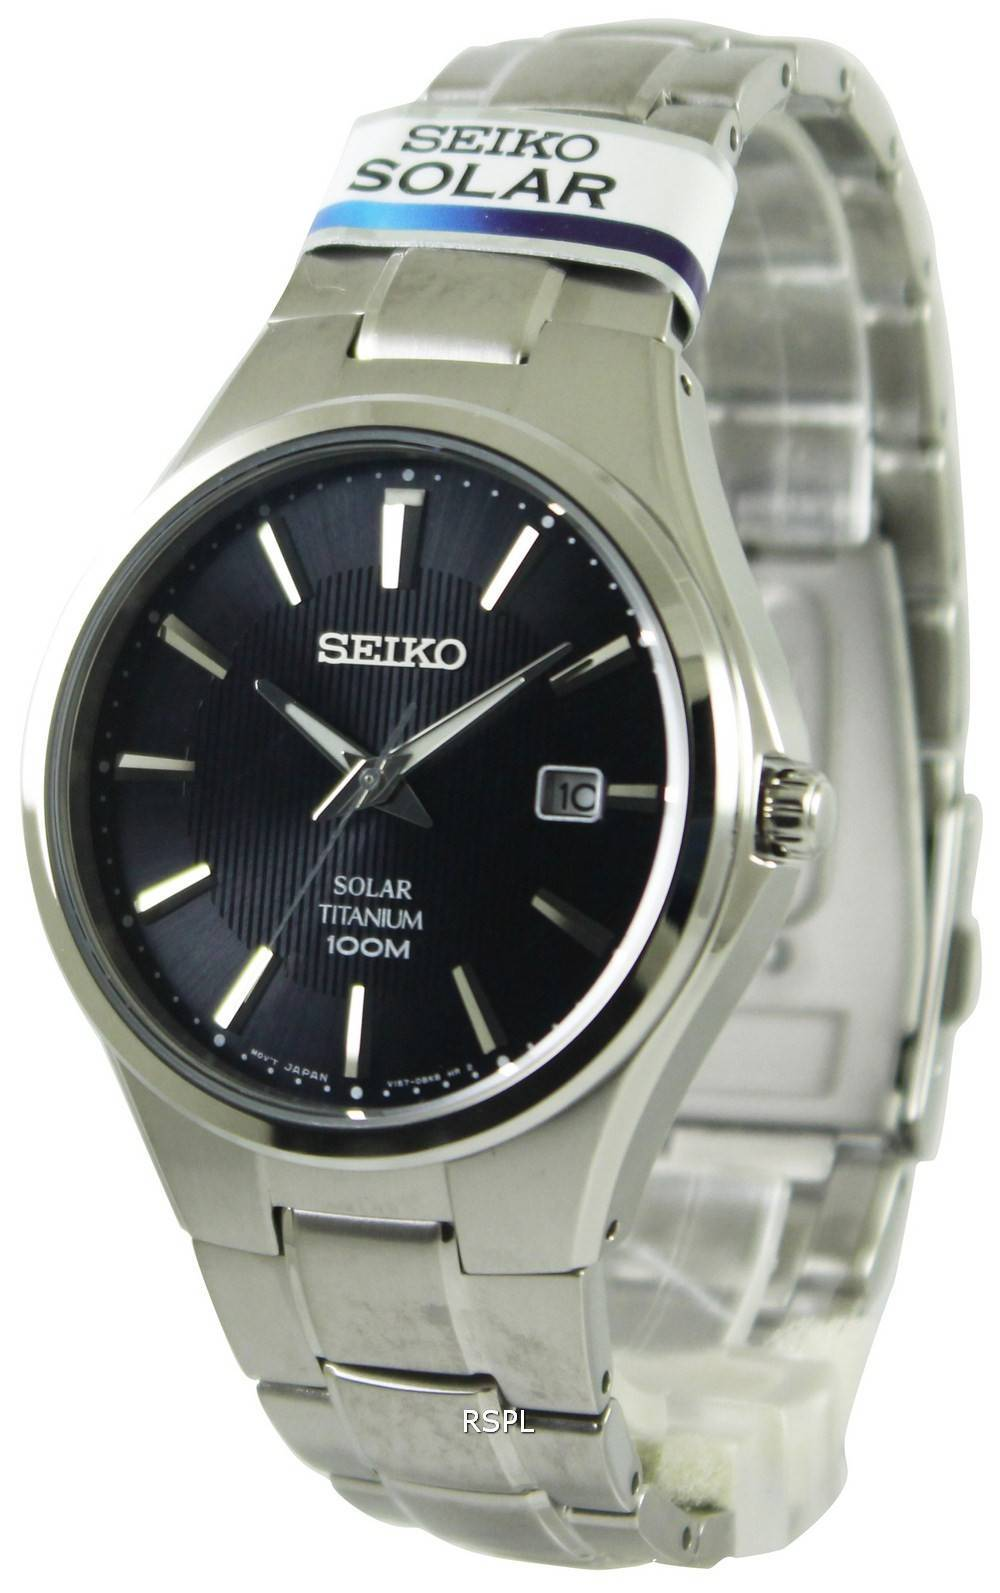 Seiko Solar Titanium 100m Sne377p1 Sne377p Mens Watch